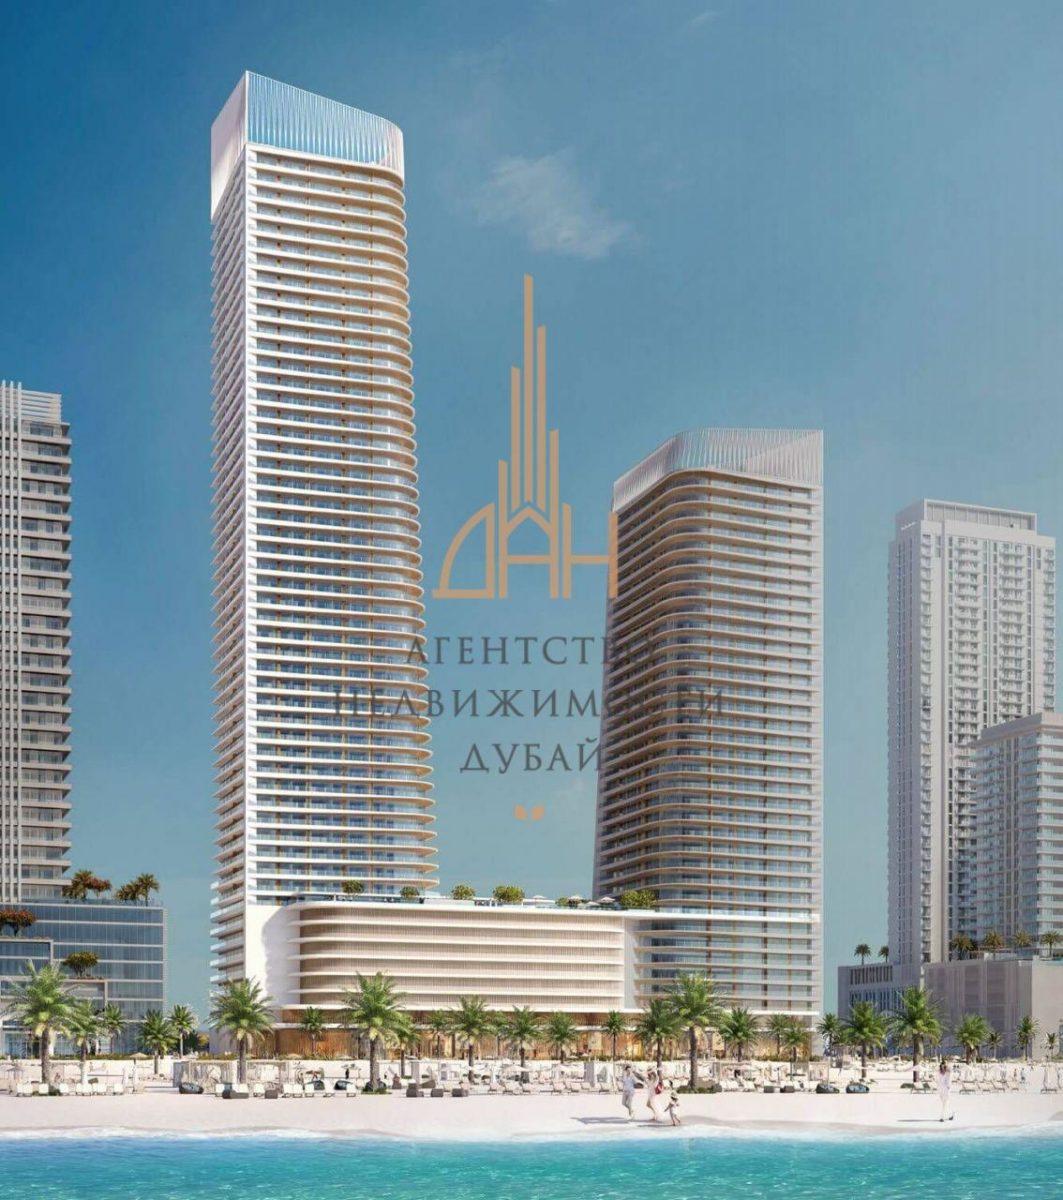 Останутся ли доступными цены на недвижимость в Дубае в следующем году?